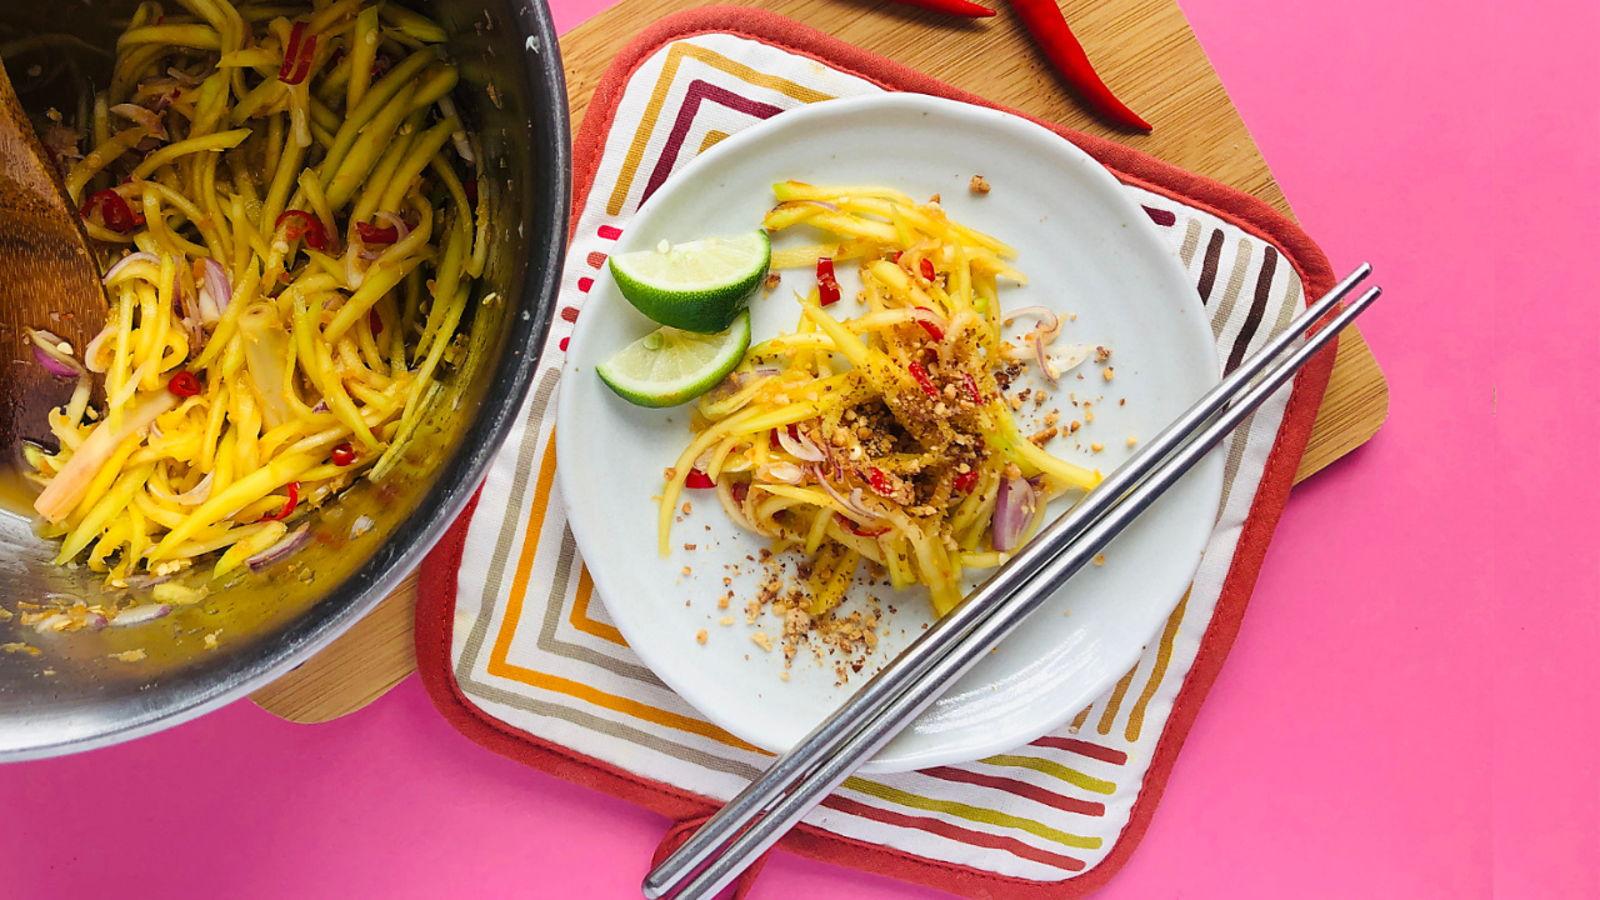 Kerabu Mangga (Simple Mango Salad)